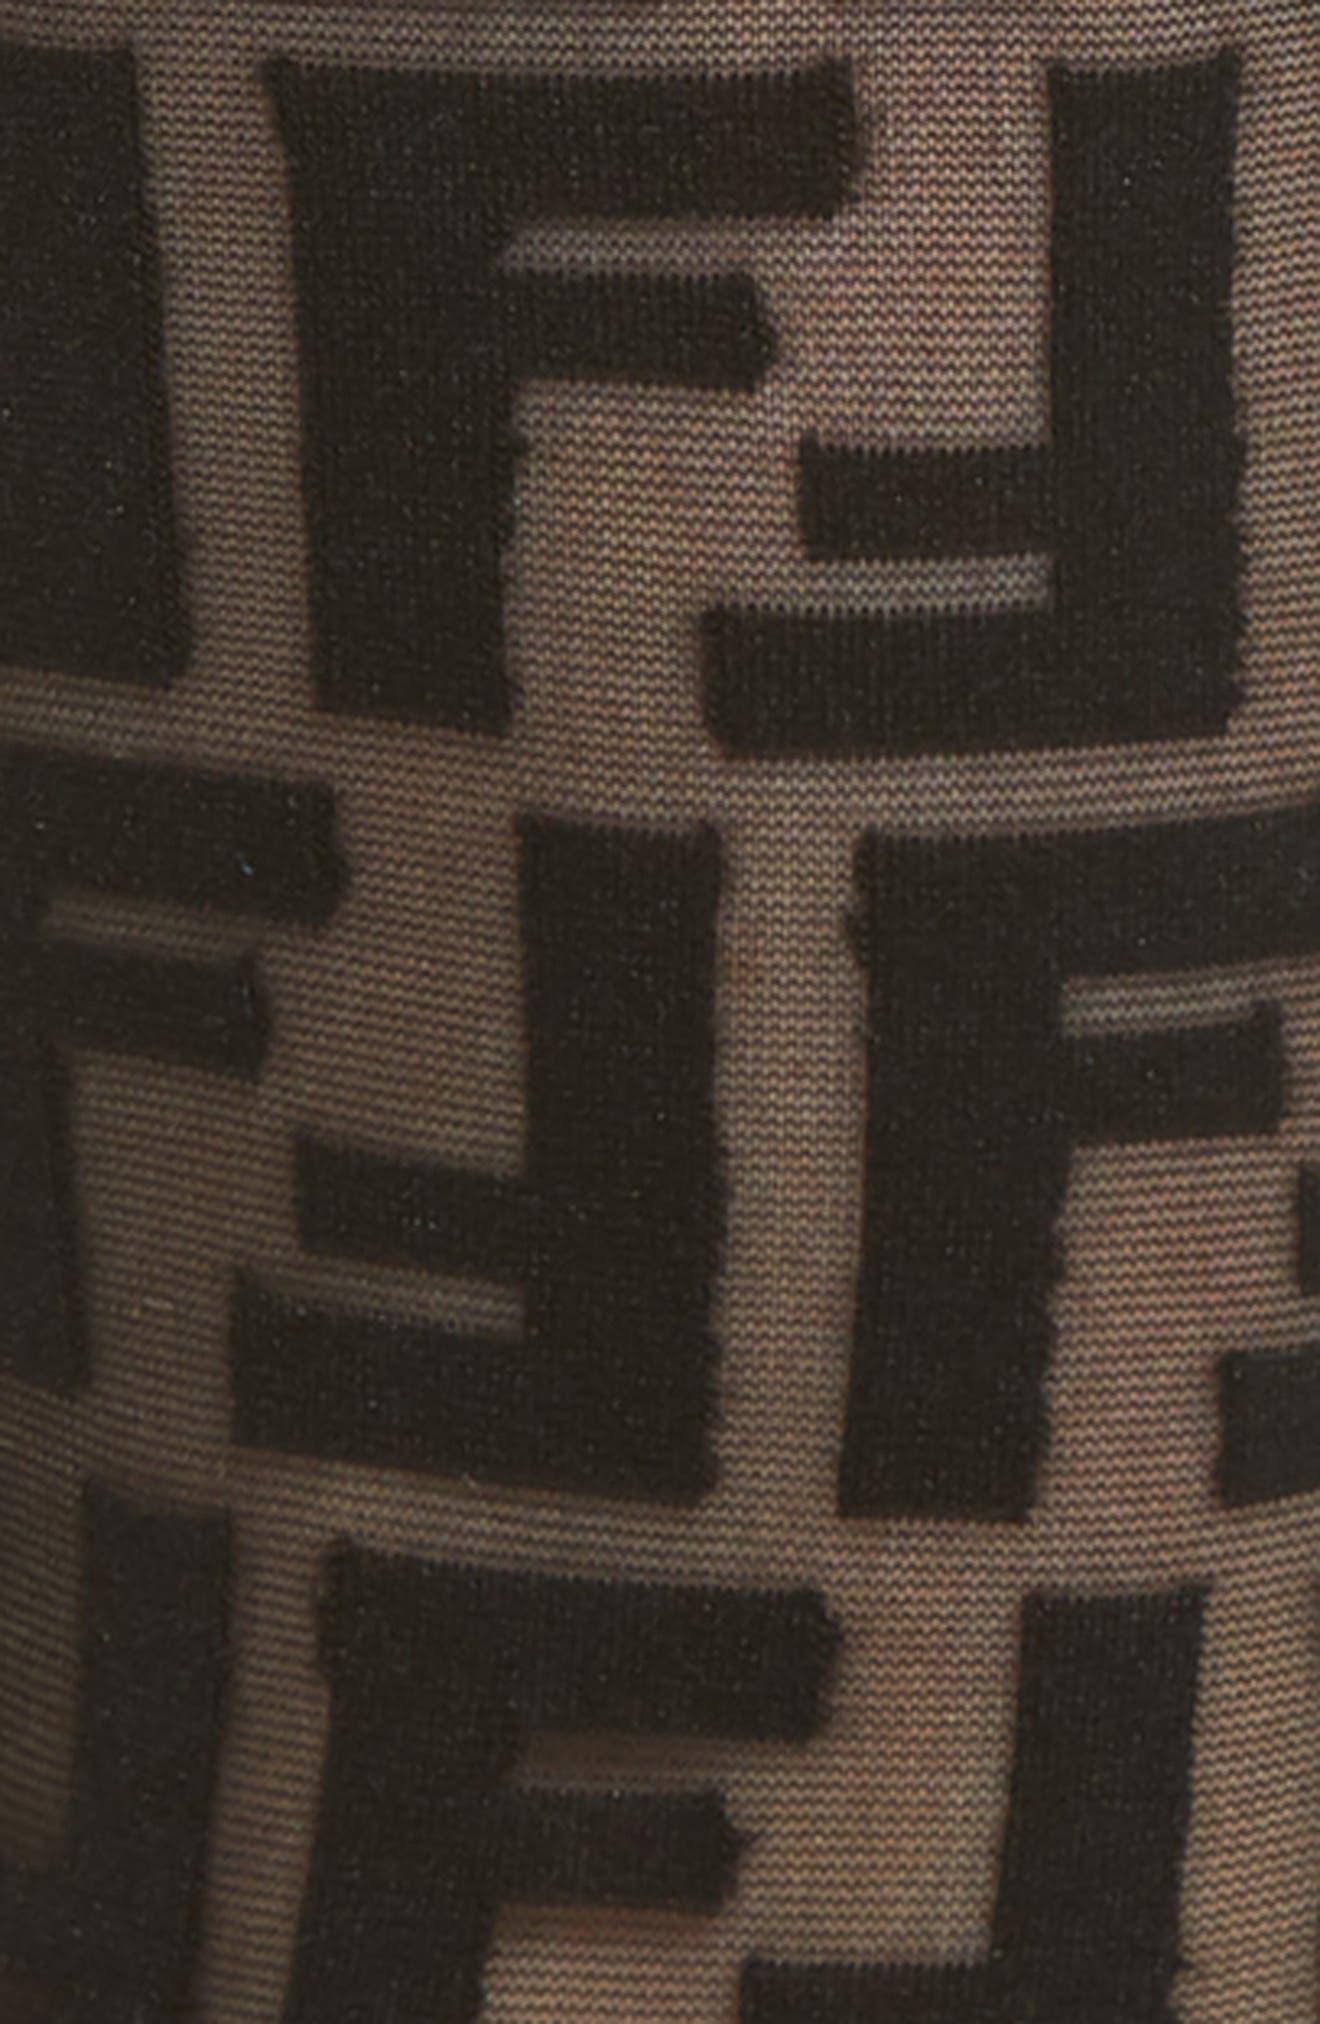 FENDI, Double F Logo Crew Socks, Alternate thumbnail 2, color, BLACK